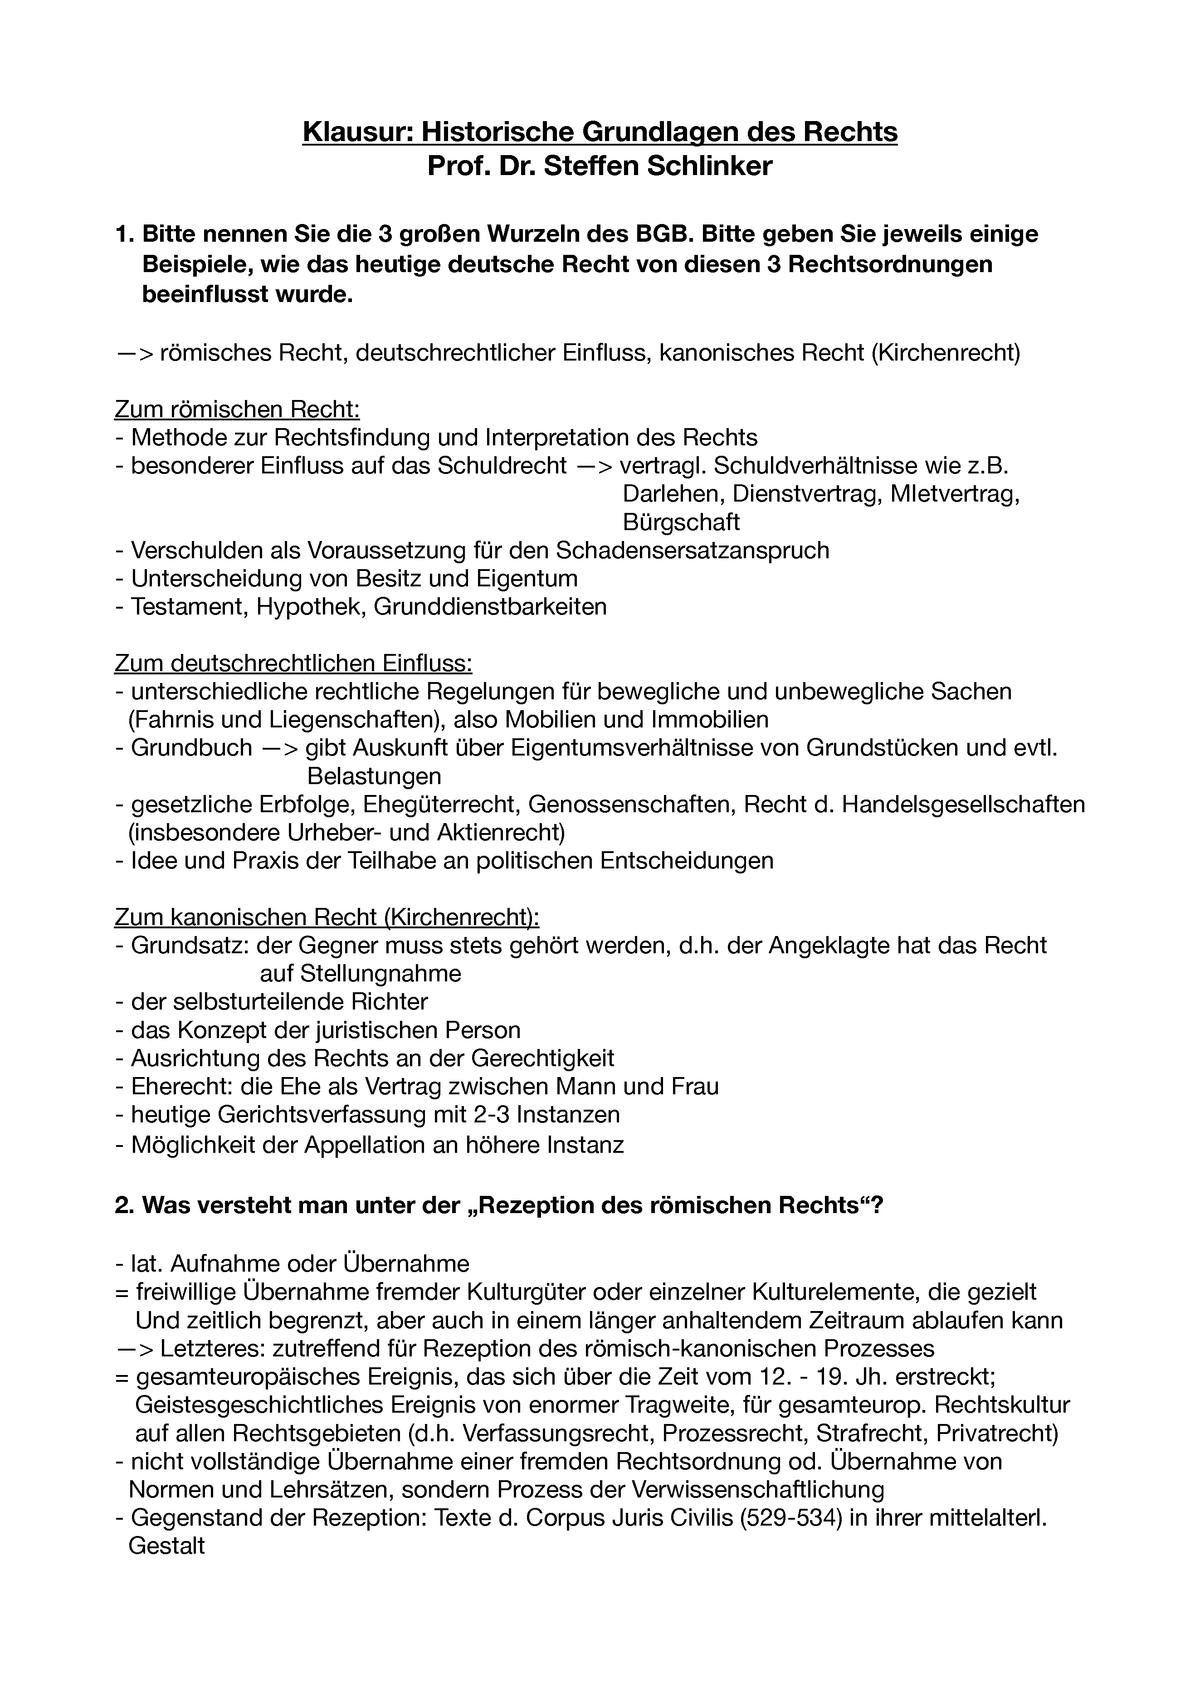 Klausur 29 Januar 2018 Fragen Und Antworten Studocu